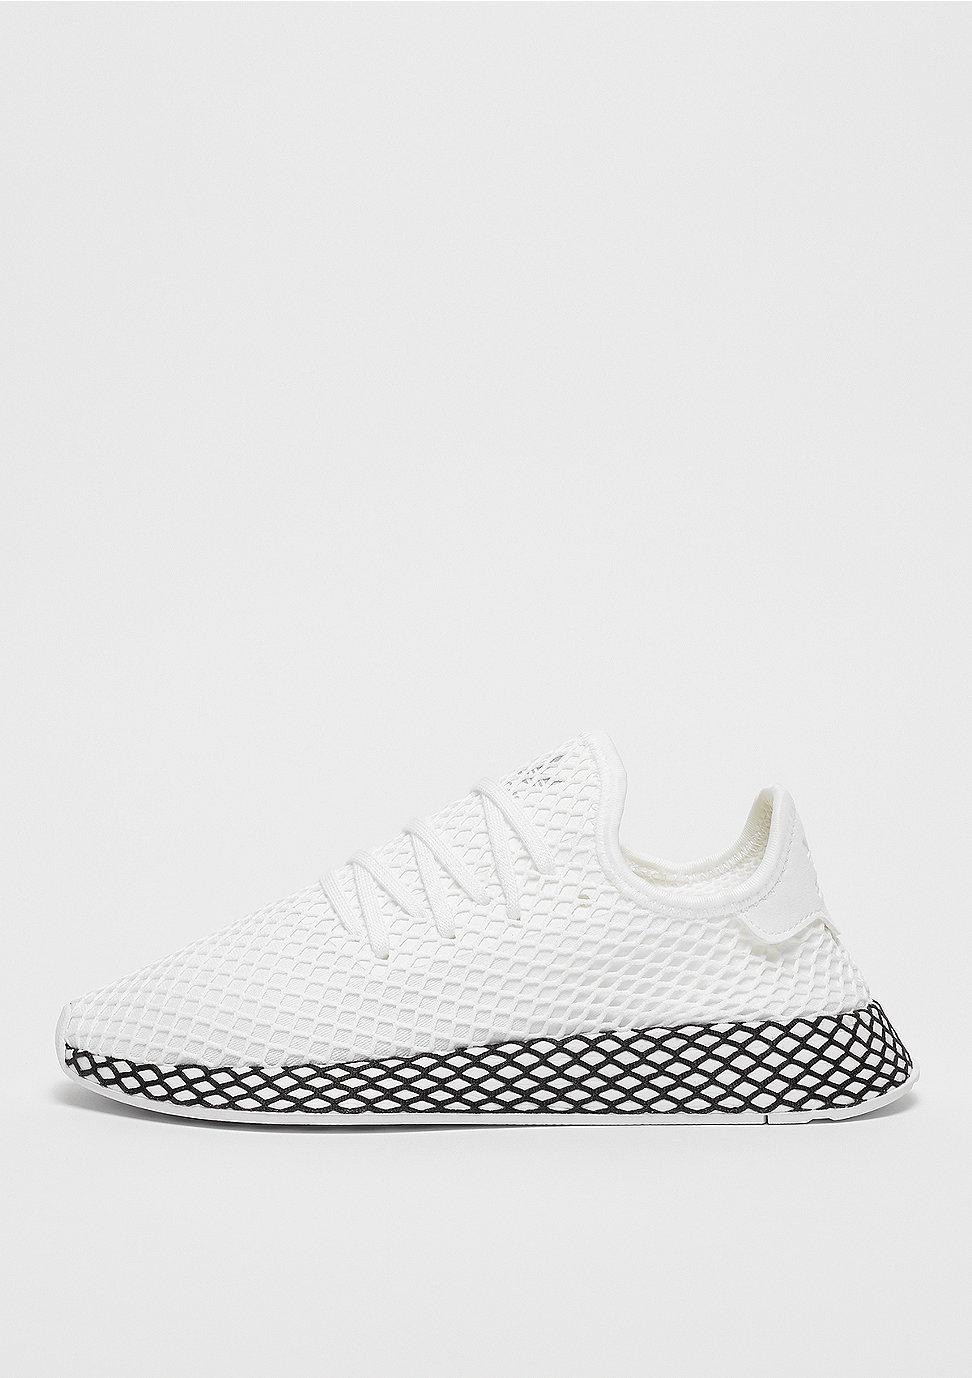 pretty nice 396d7 c4d0c La zapatilla DEERUPT RUNNER white de adidas ya está en SNIPE